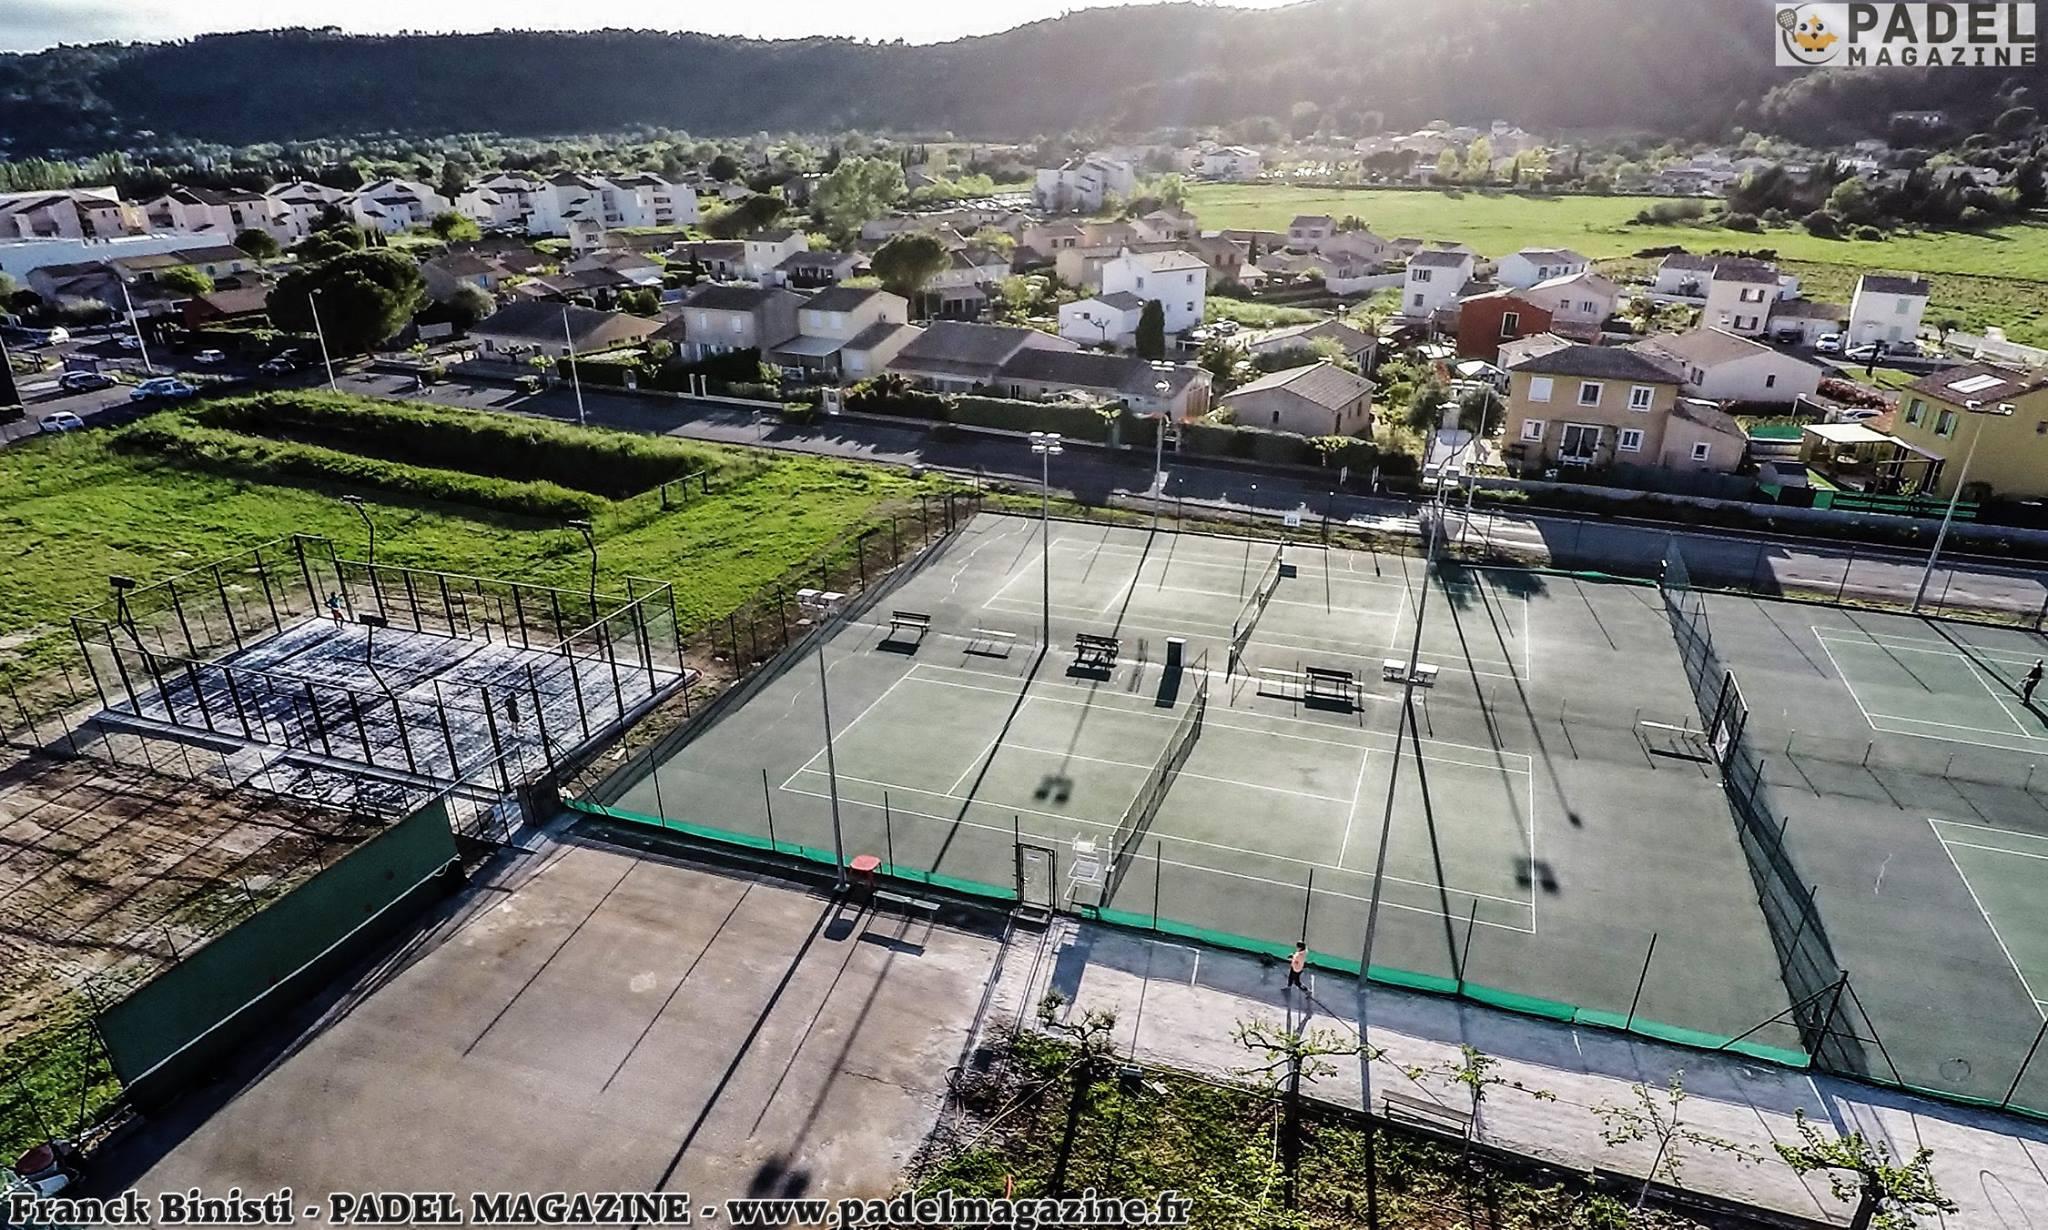 Le Tennis Padel Luçois utilise AVANTAGE PADEL